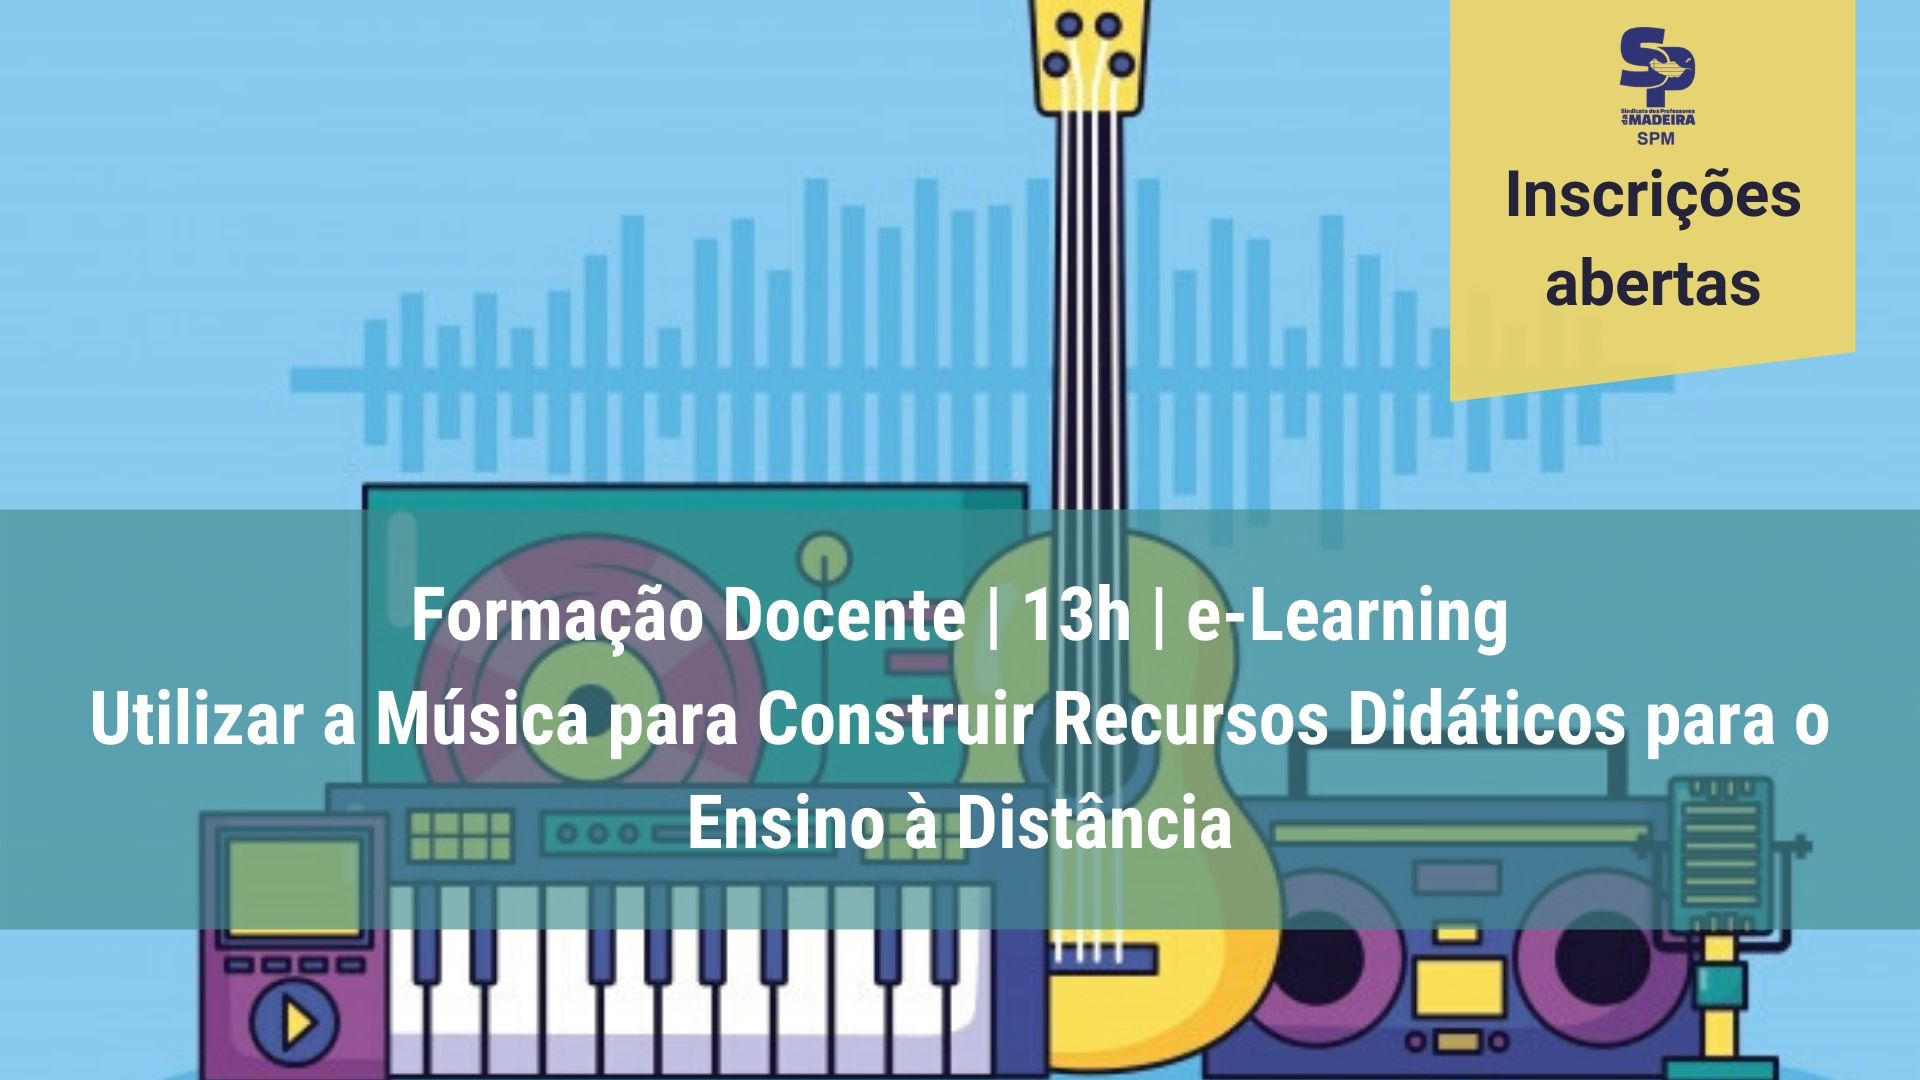 Utilizar a Música como Recurso Didático no e-Learning é o tema do novo curso para professores